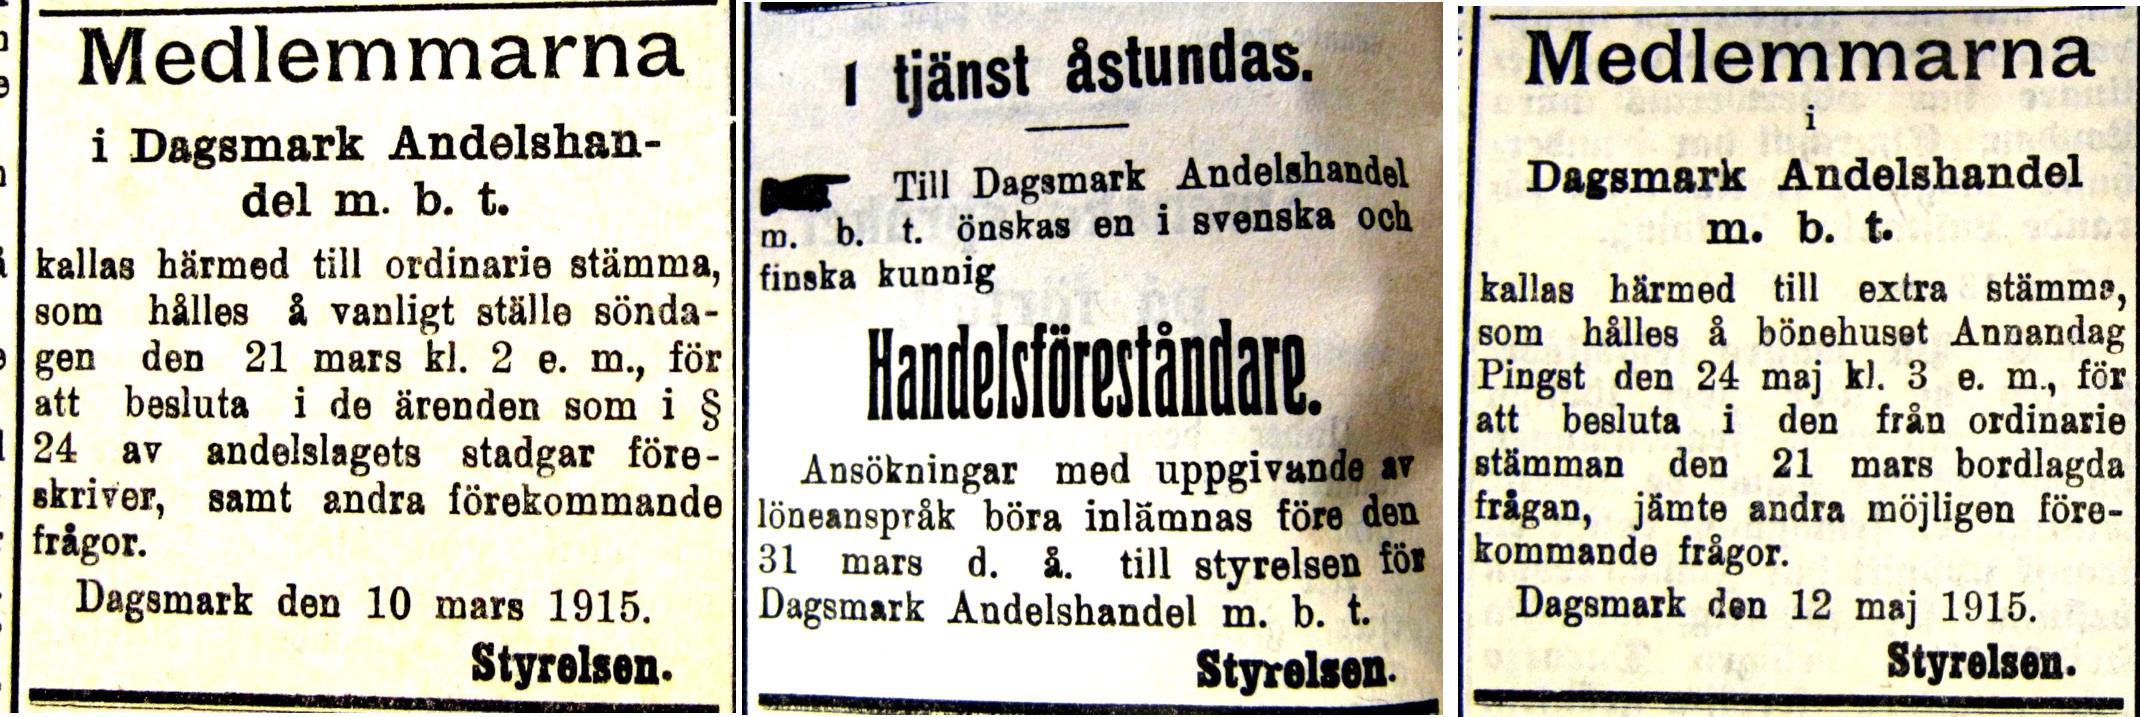 År 1915 sökte Andelshandeln en handelsföreståndare. I annonsen till höger står det att mötet skall hållas på bönehuset 24 maj 1915, vilket betyder nästan en månad före det högtidligen invigdes.